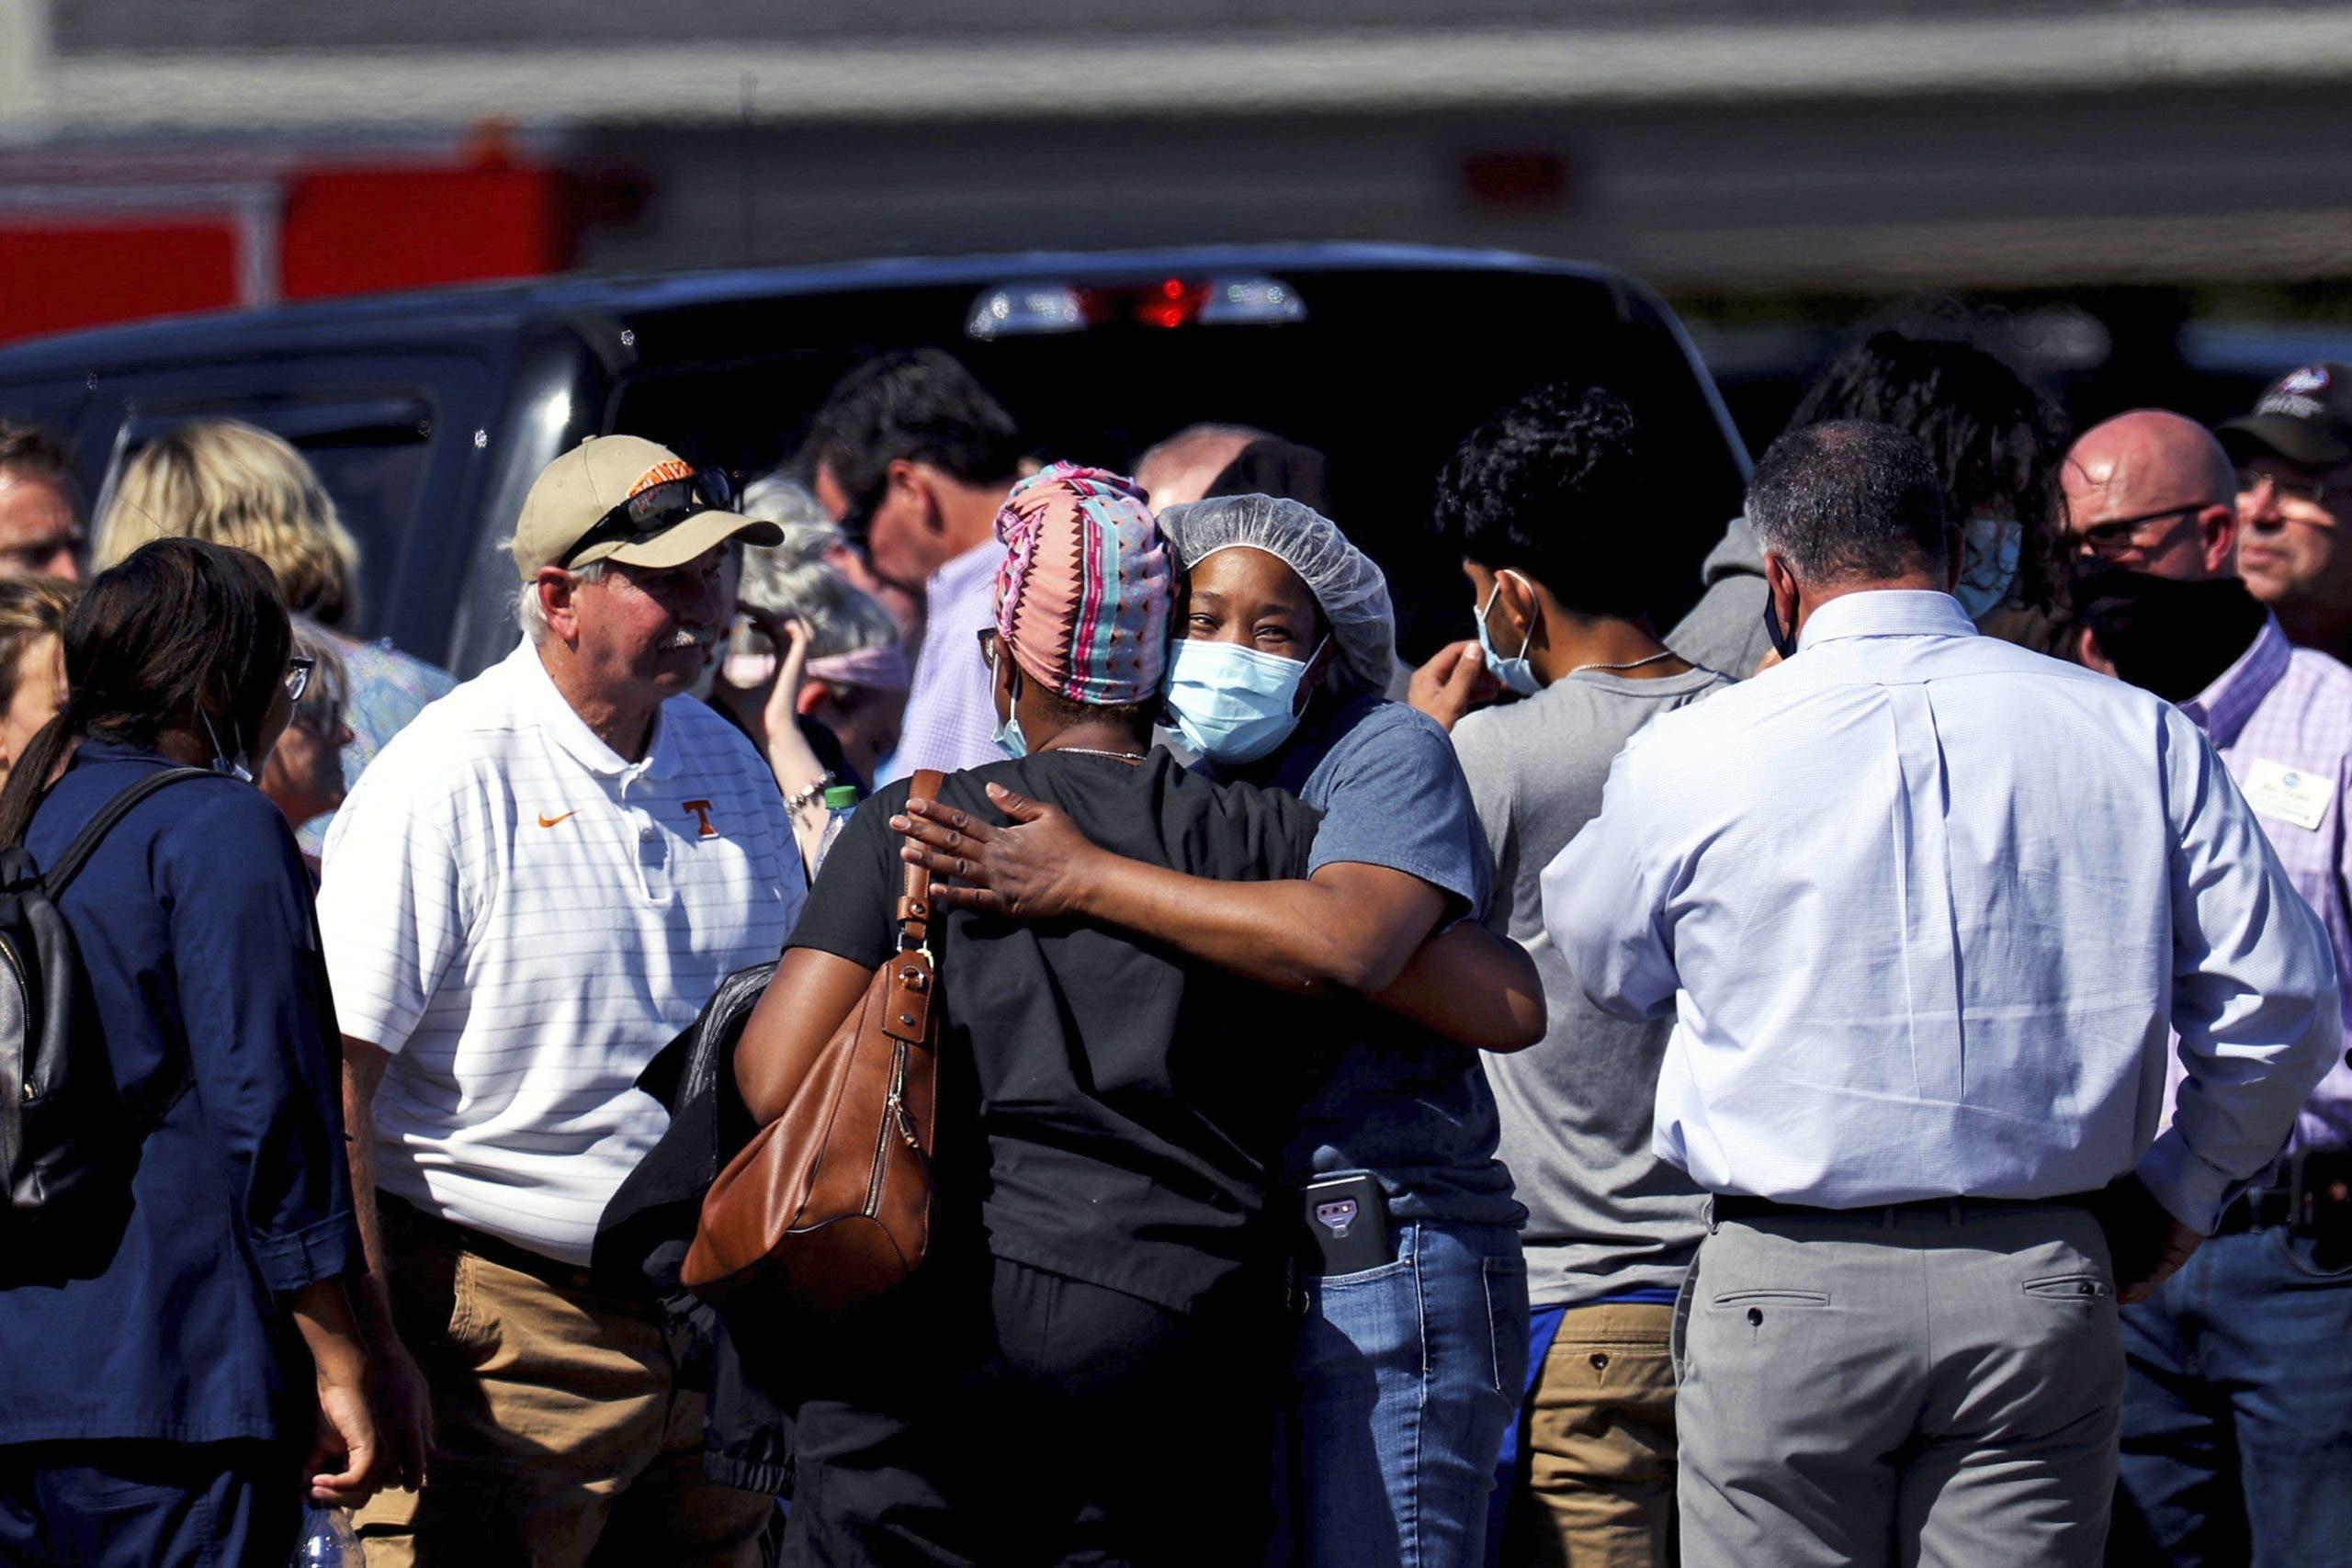 Tiroteo en supermercado de Tennessee deja 2 muertos, incluido el agresor